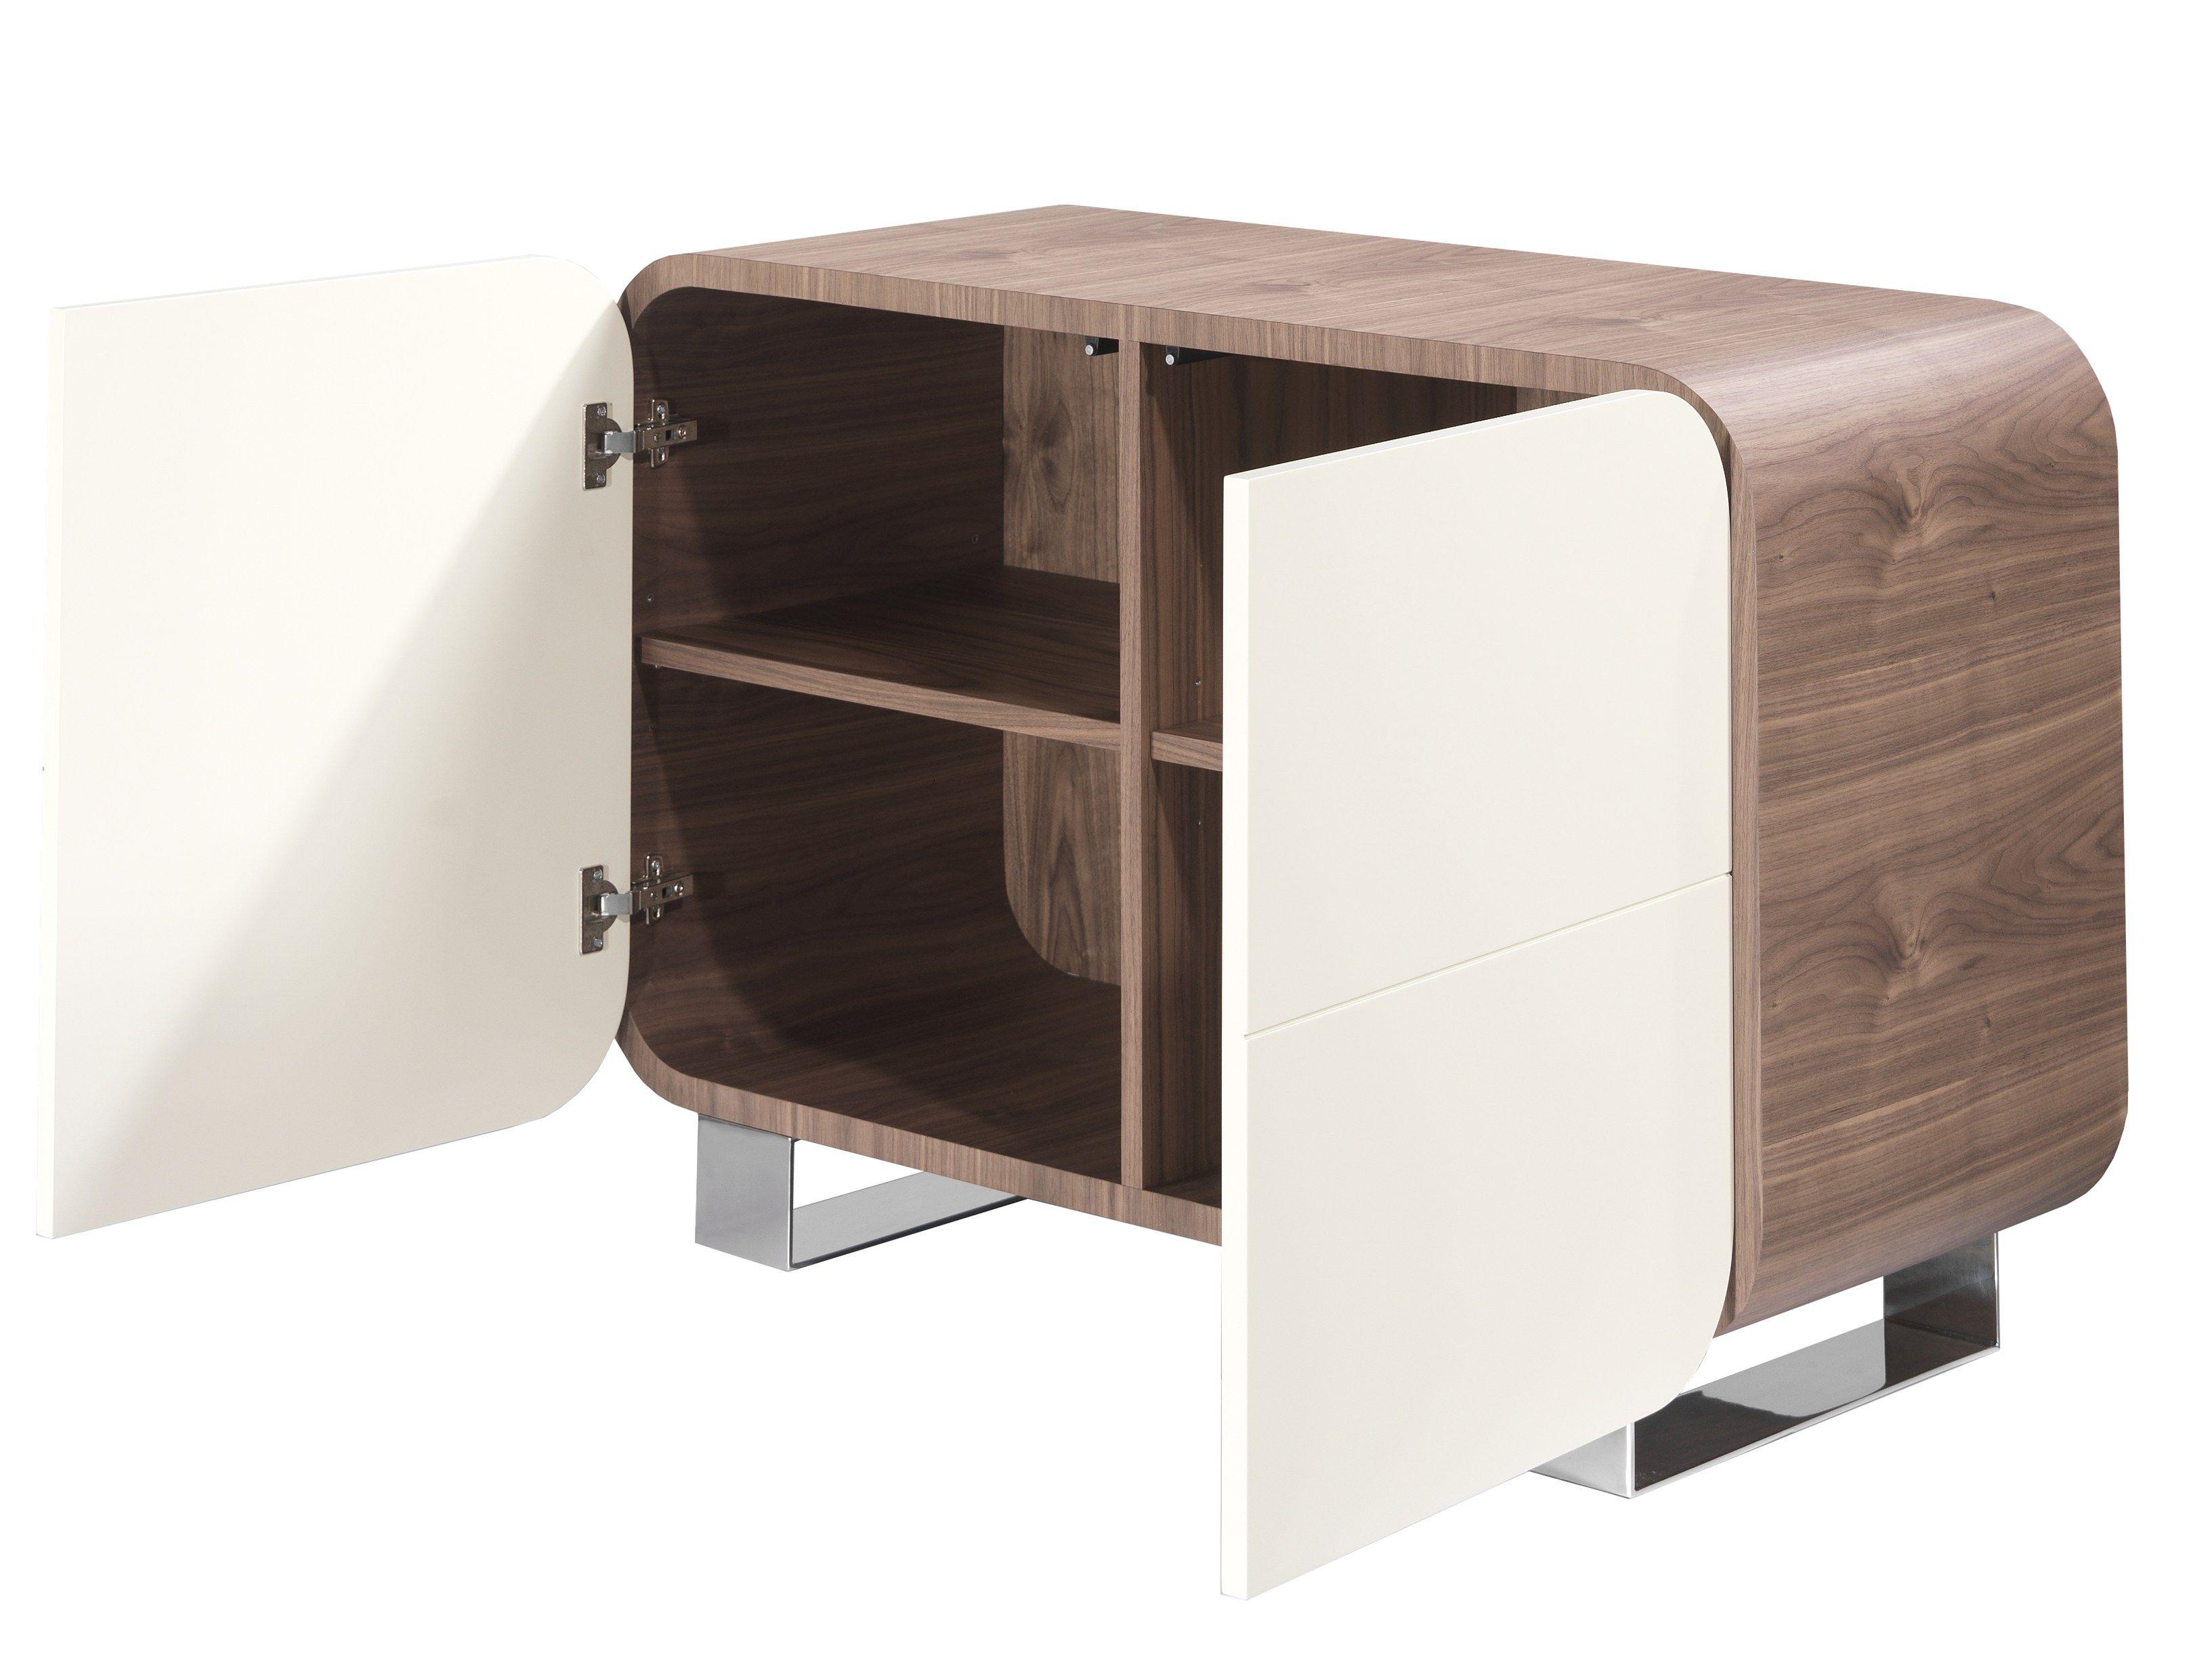 Meuble de rangement laqu avec portes petit marly by azea design victor caetano for Petit meuble audio